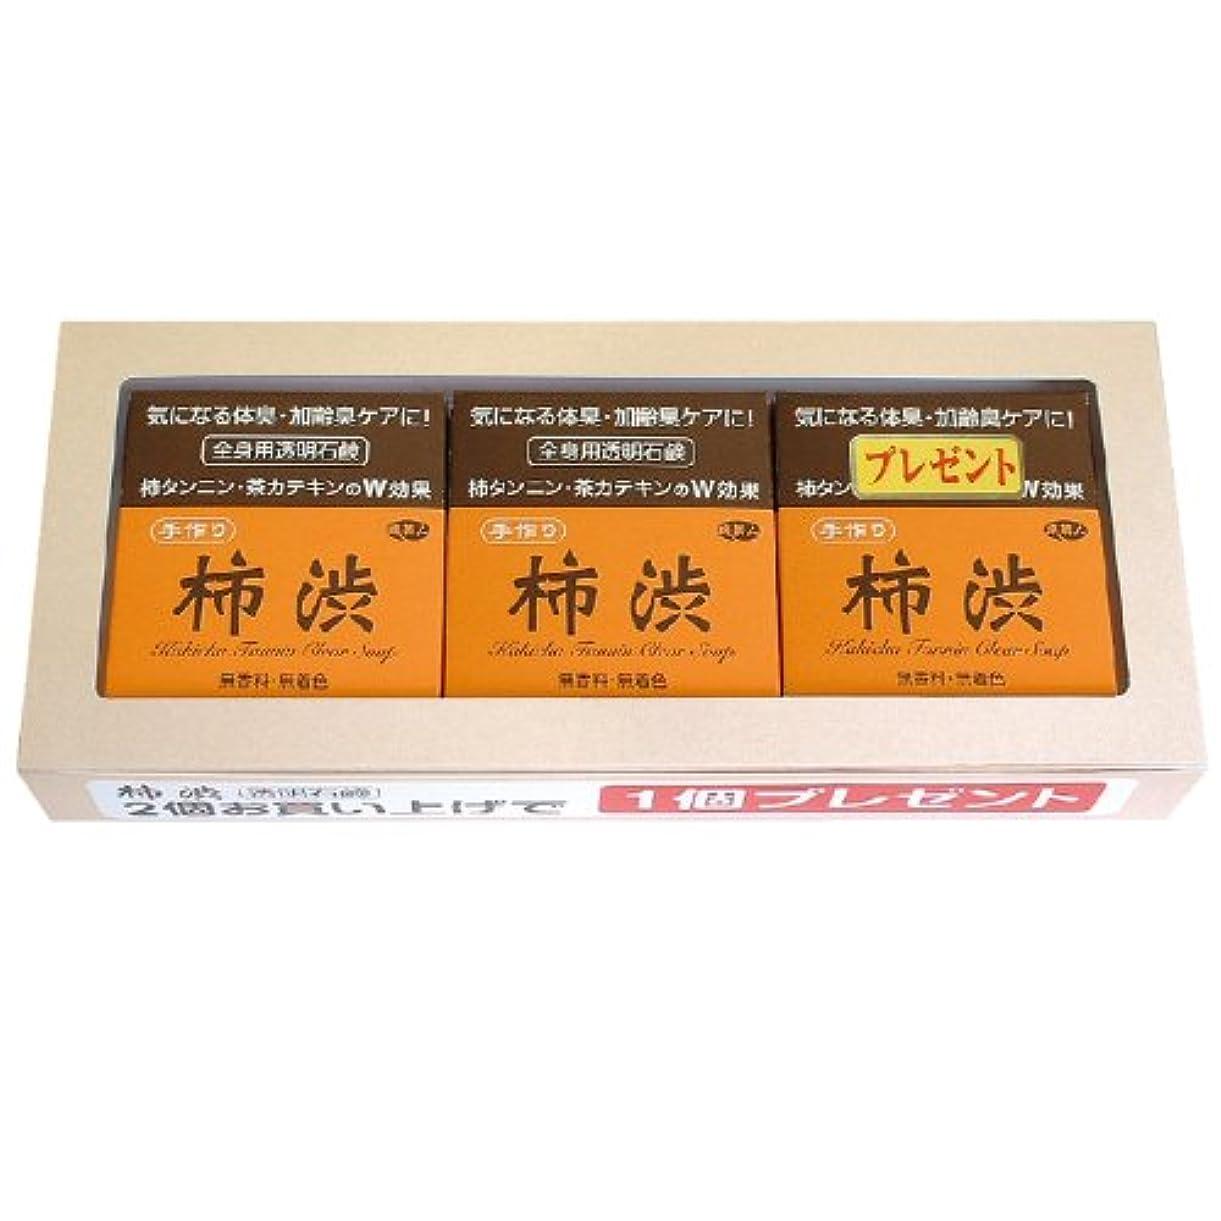 周り立方体キモいアズマ商事の 柿渋透明石鹸 2個の値段で3個入りセット